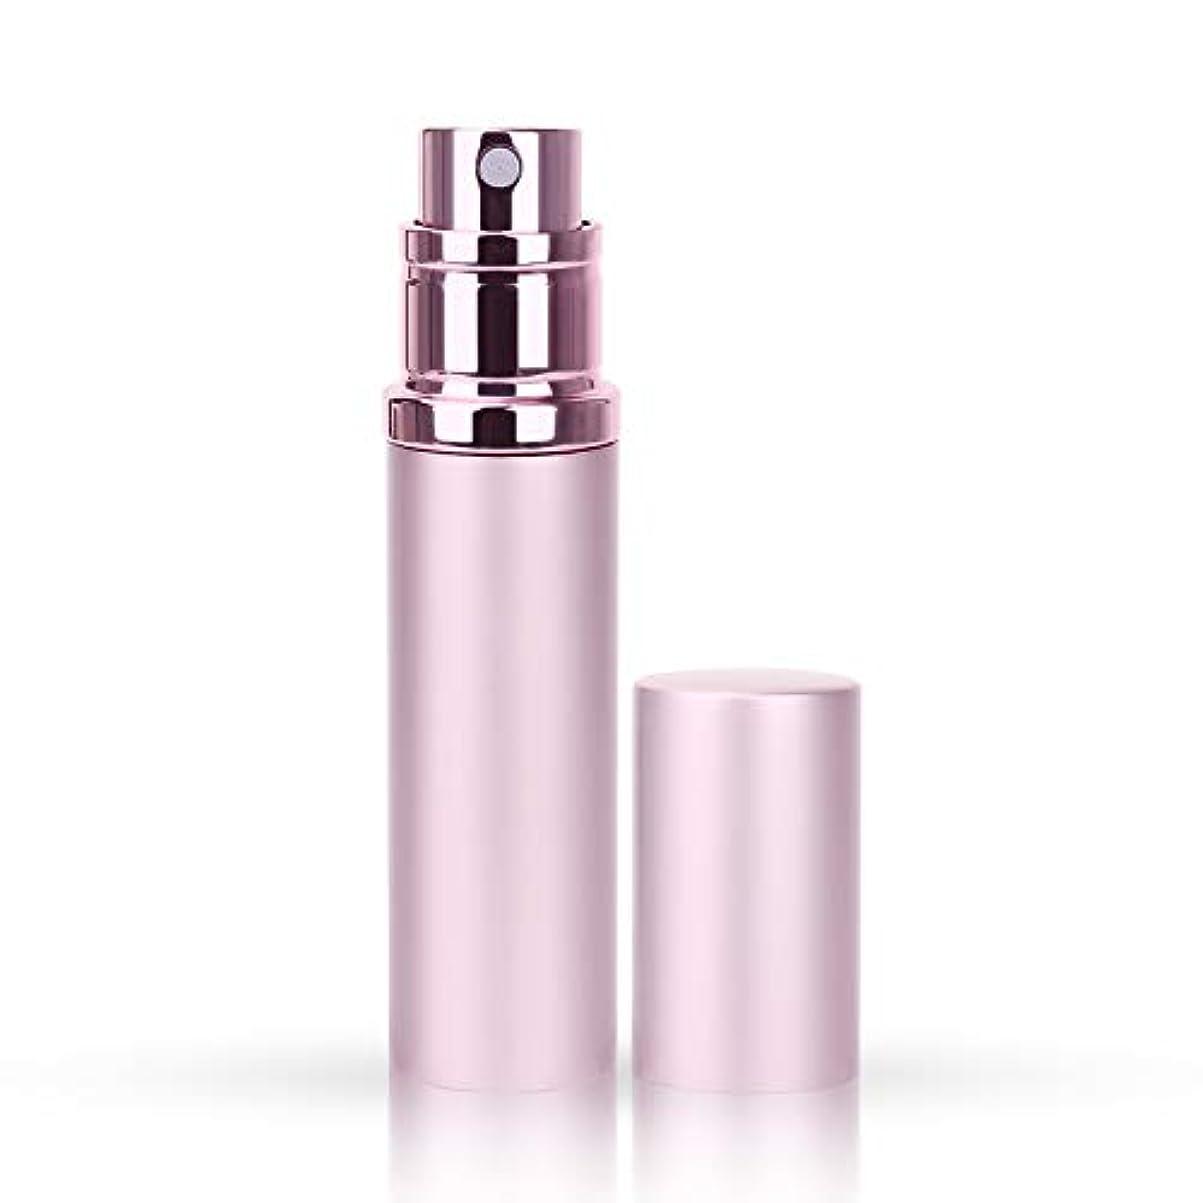 葉っぱ手順適応するMOOMU アトマイザー 香水スプレー 噴霧器 詰め替え容器 底部充填方式 携帯用5ml (ピンク Pink)